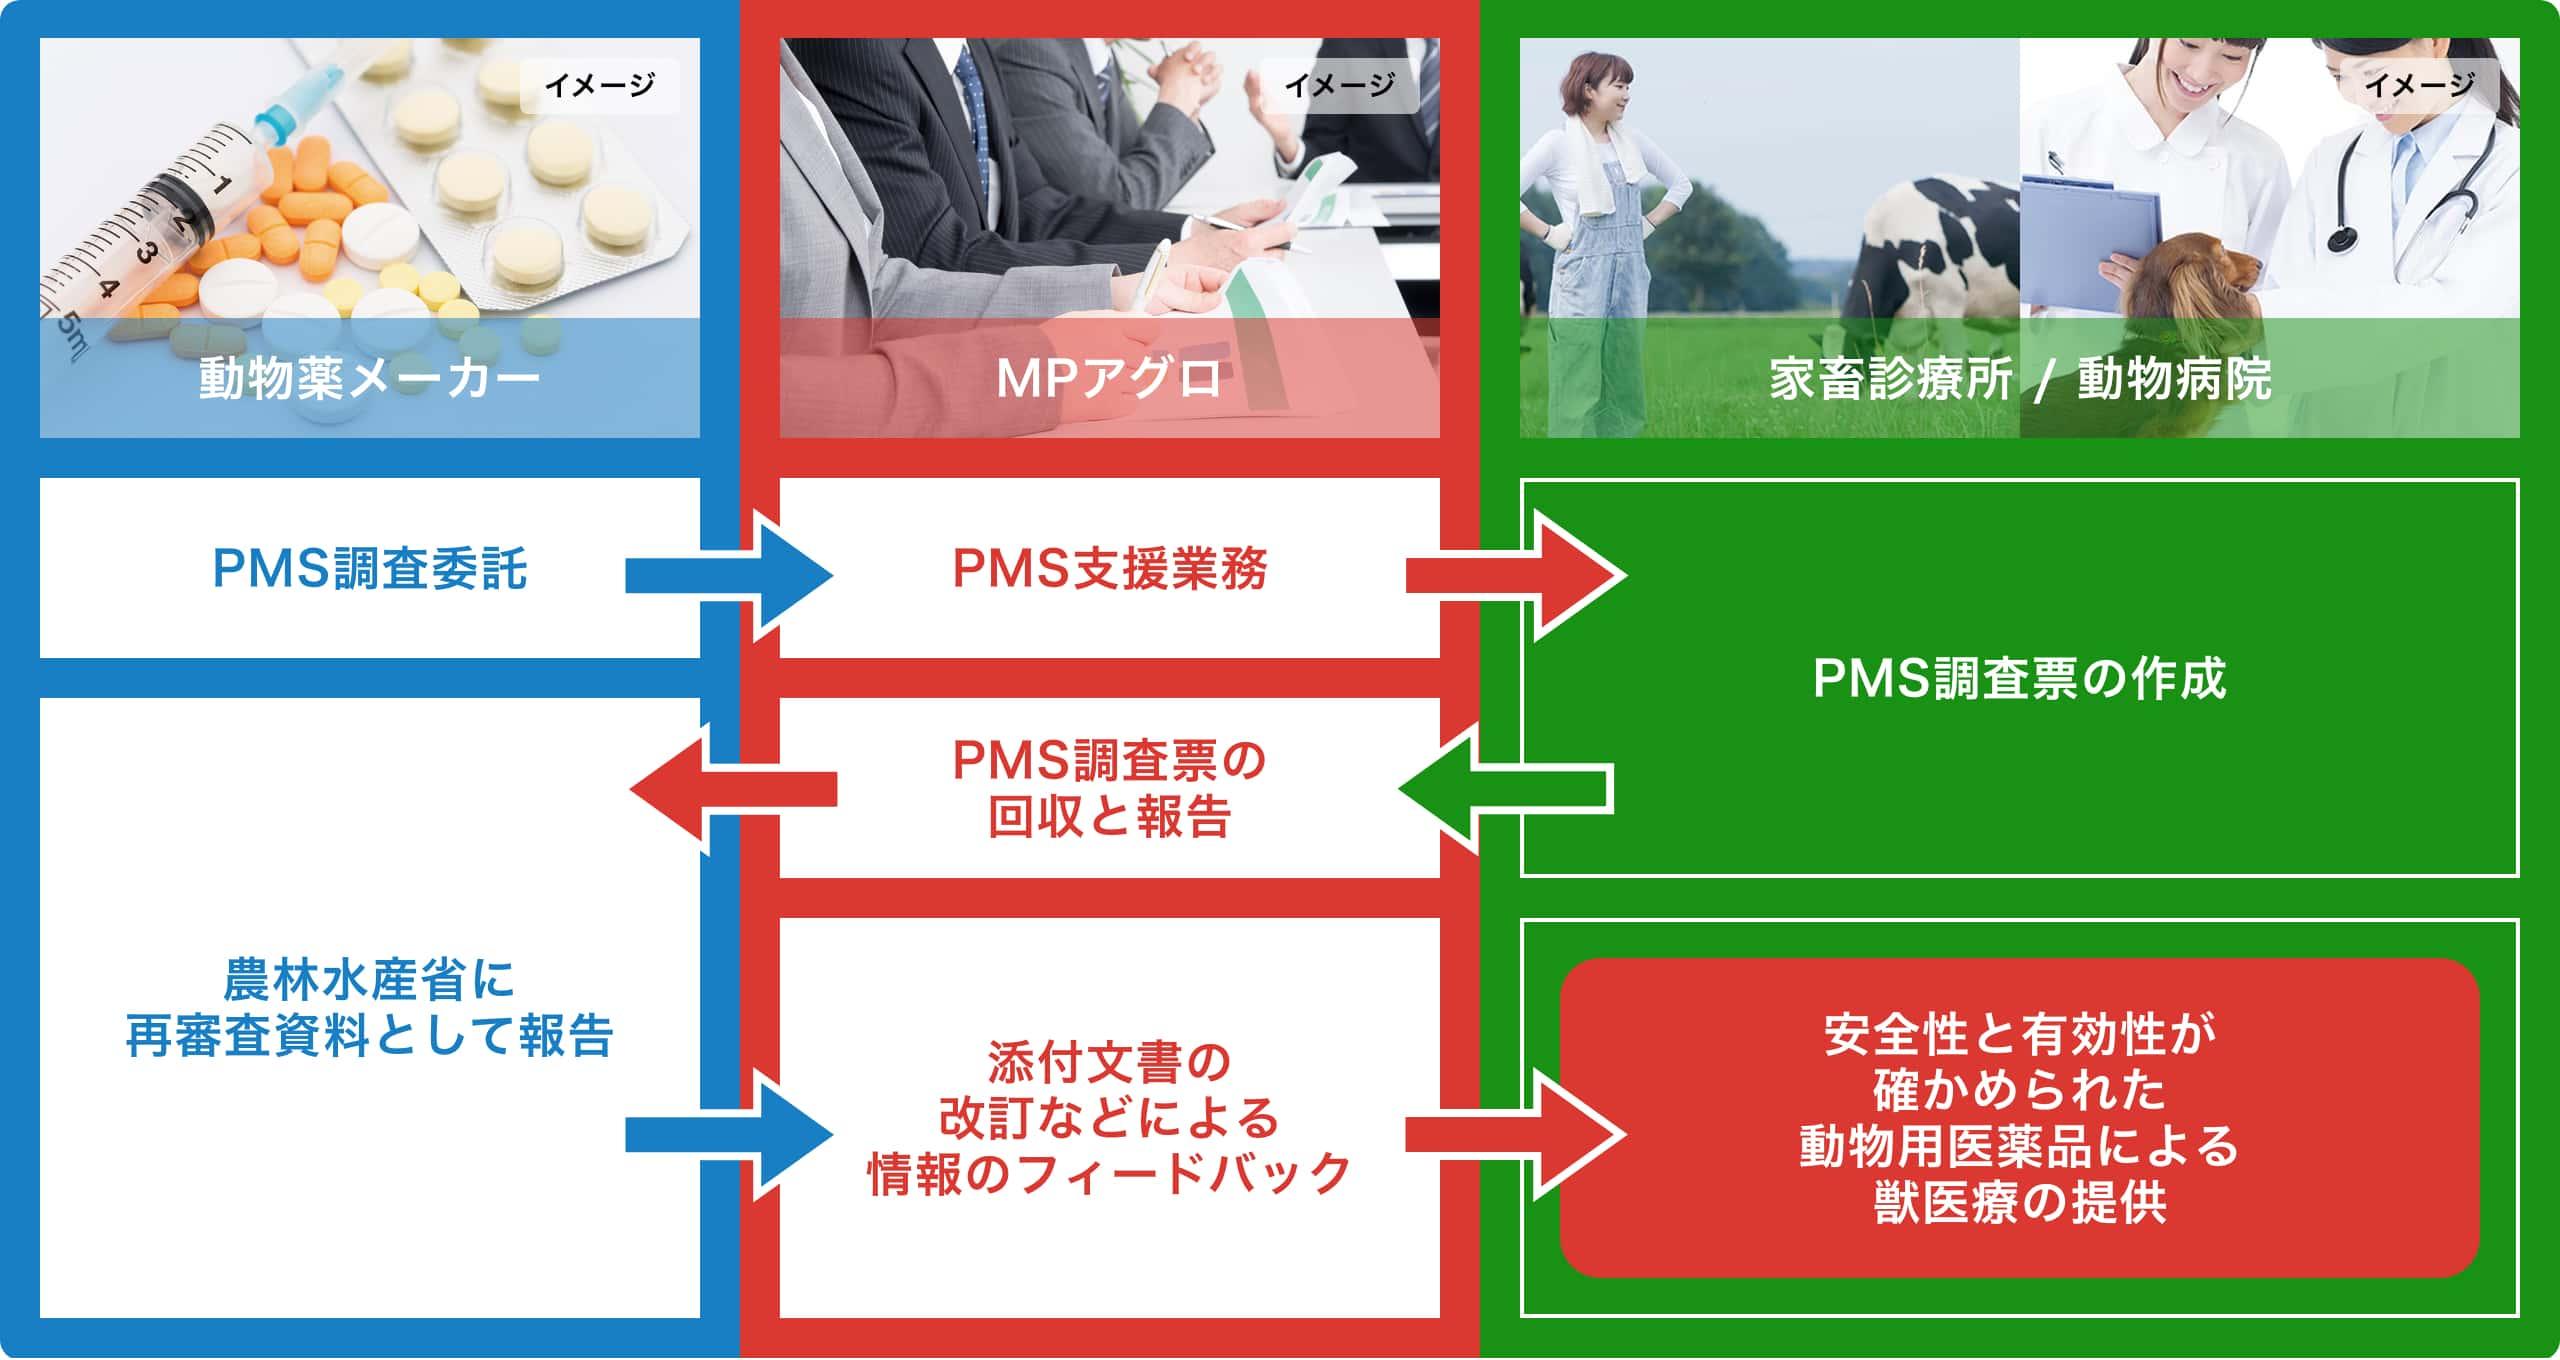 PMS(使用成績調査)のフロー図